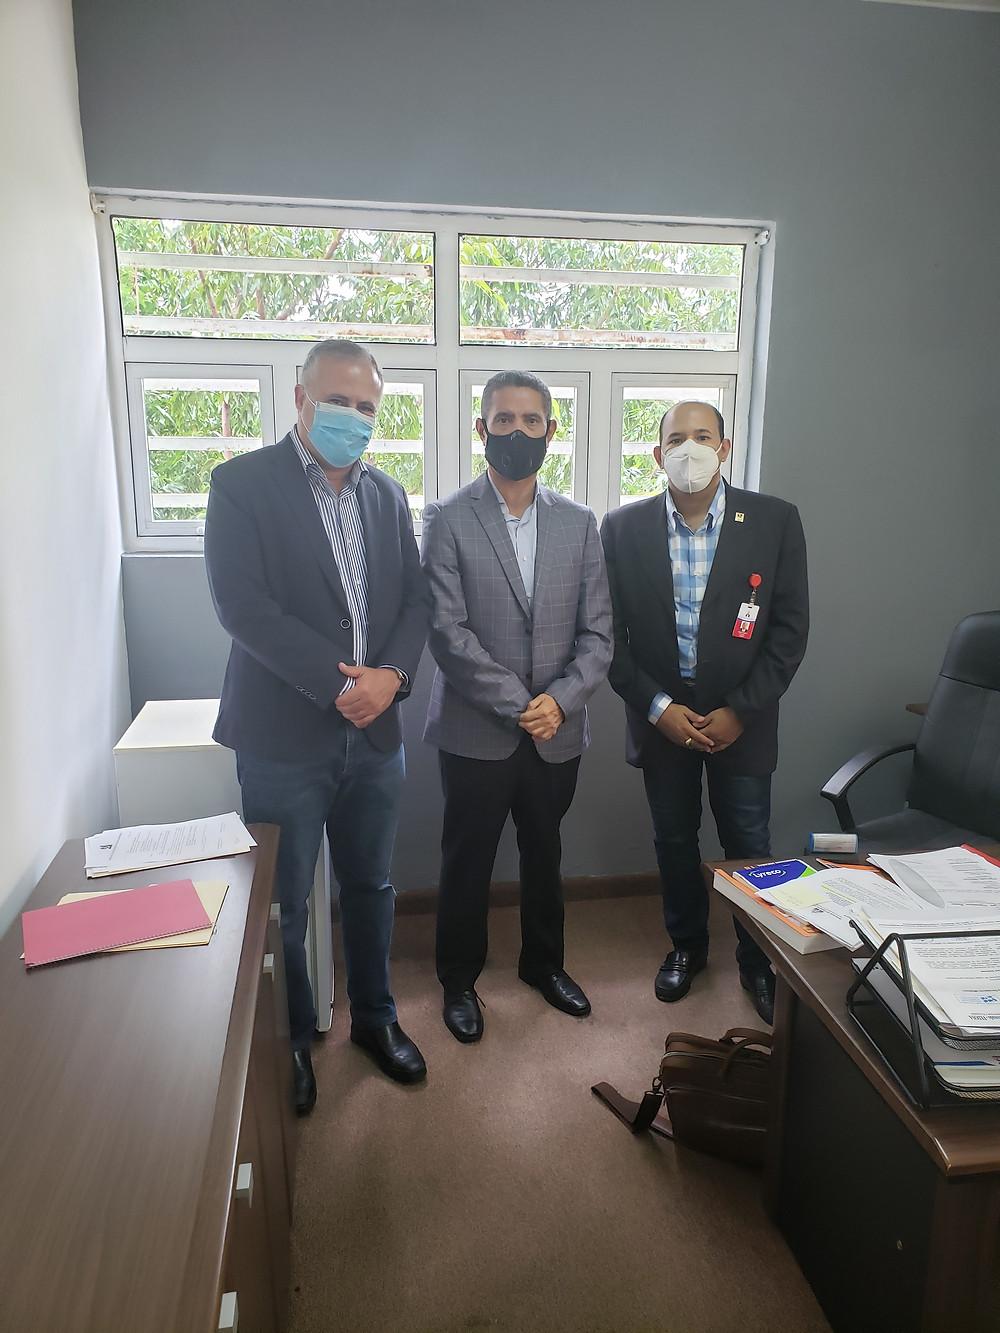 Lic. Pedro Domínguez Brito presidente de la FDA, Santos Kennedy Vargas, Viceministro de Deportes y Lic. Braulio Ramírez, presidente del comité organizador.